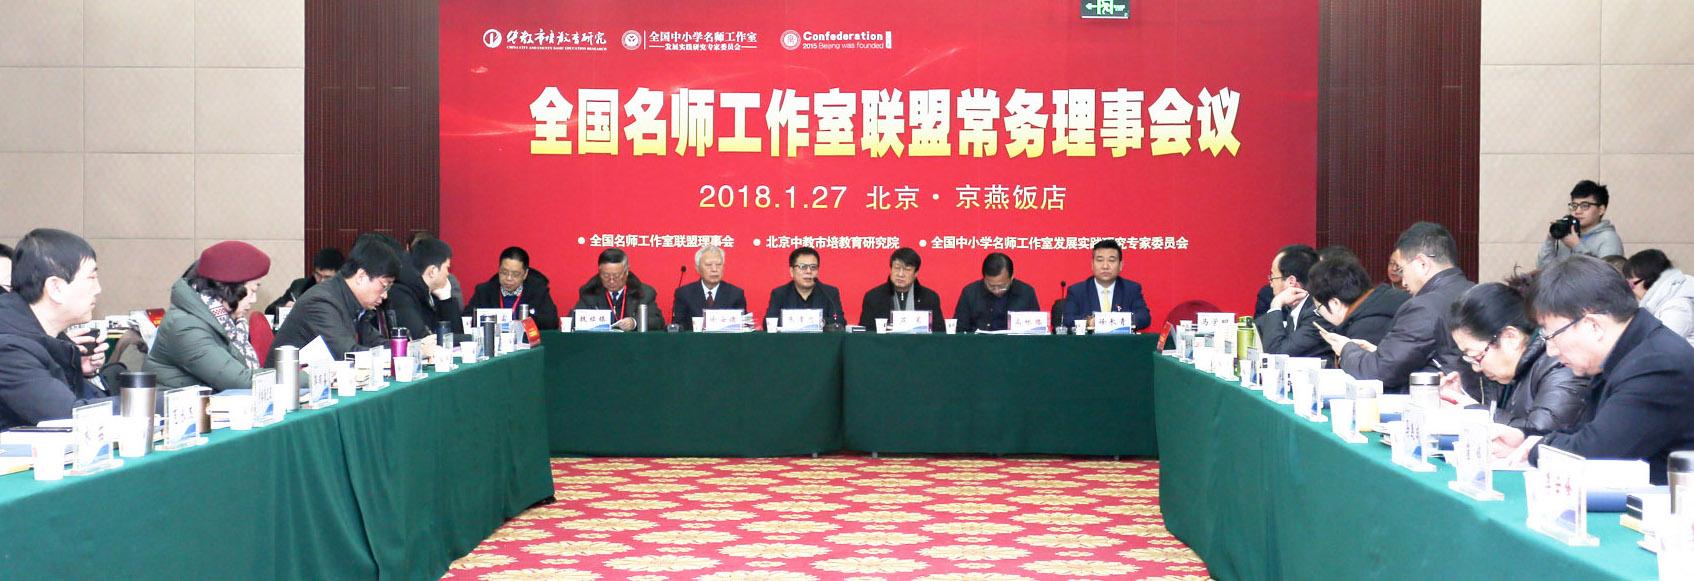 2018年1月27-28日,全国名师工作室联盟理事会常务理事会议暨全国名师工作室主持人高端研修班在北京京燕饭店隆重召开。